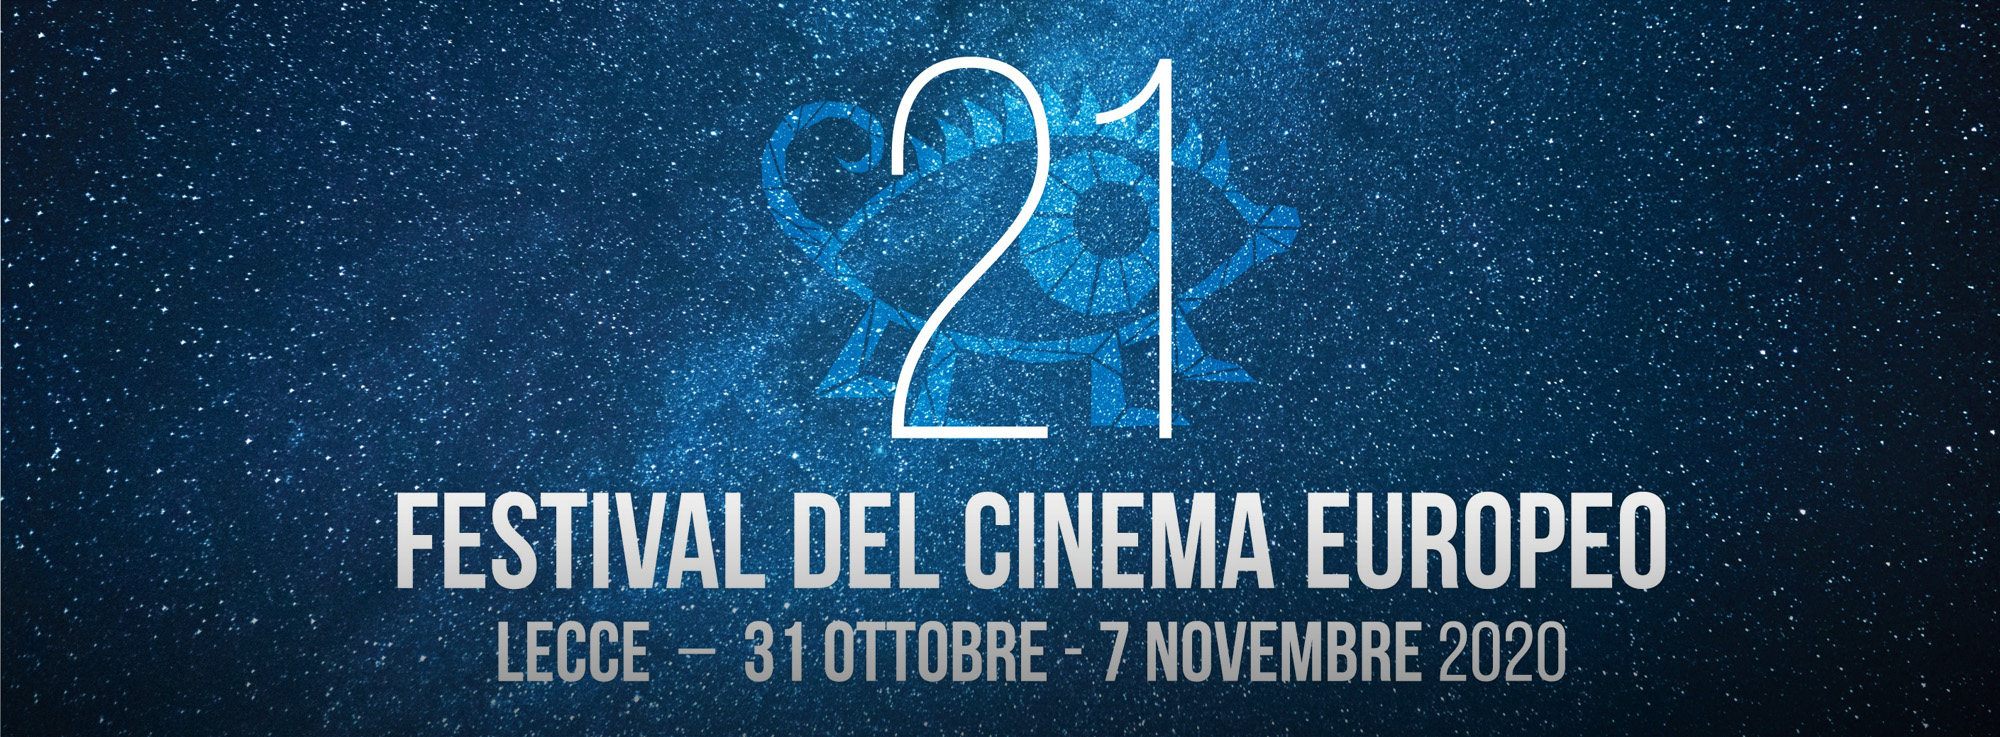 Lecce: Festival del Cinema Europeo